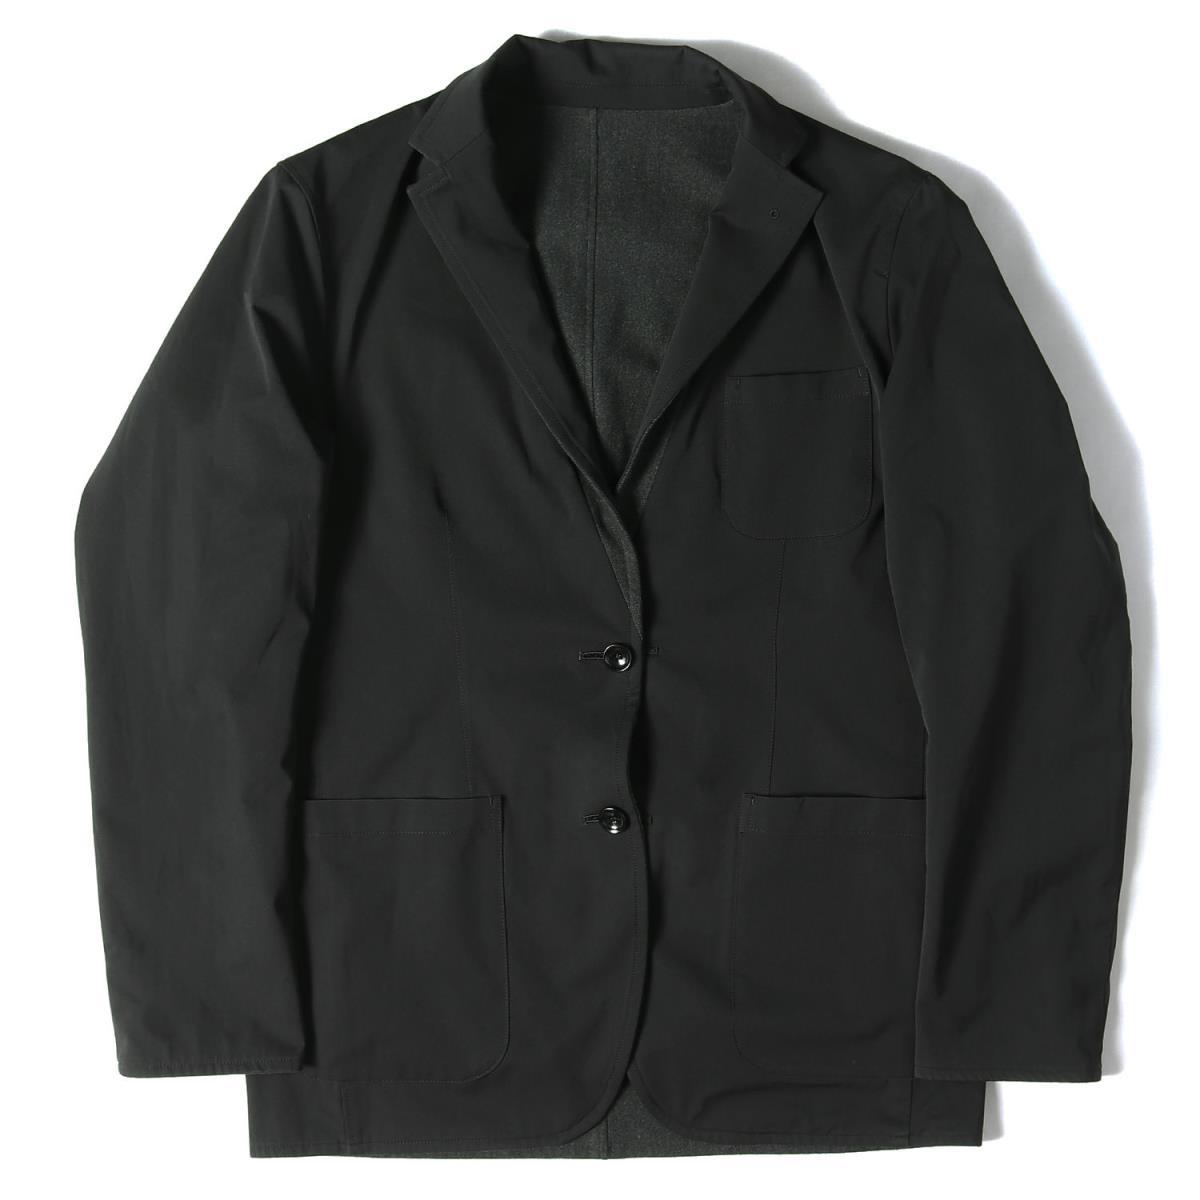 SOPHNET (ソフネット) ジャケット 17SS リバーシブル 2B テーラードジャケット REVERSIBLE 2 BUTTON JACKET ブラック×チャコール L 【メンズ】【中古】【美品】【K2545】【あす楽☆対応可】